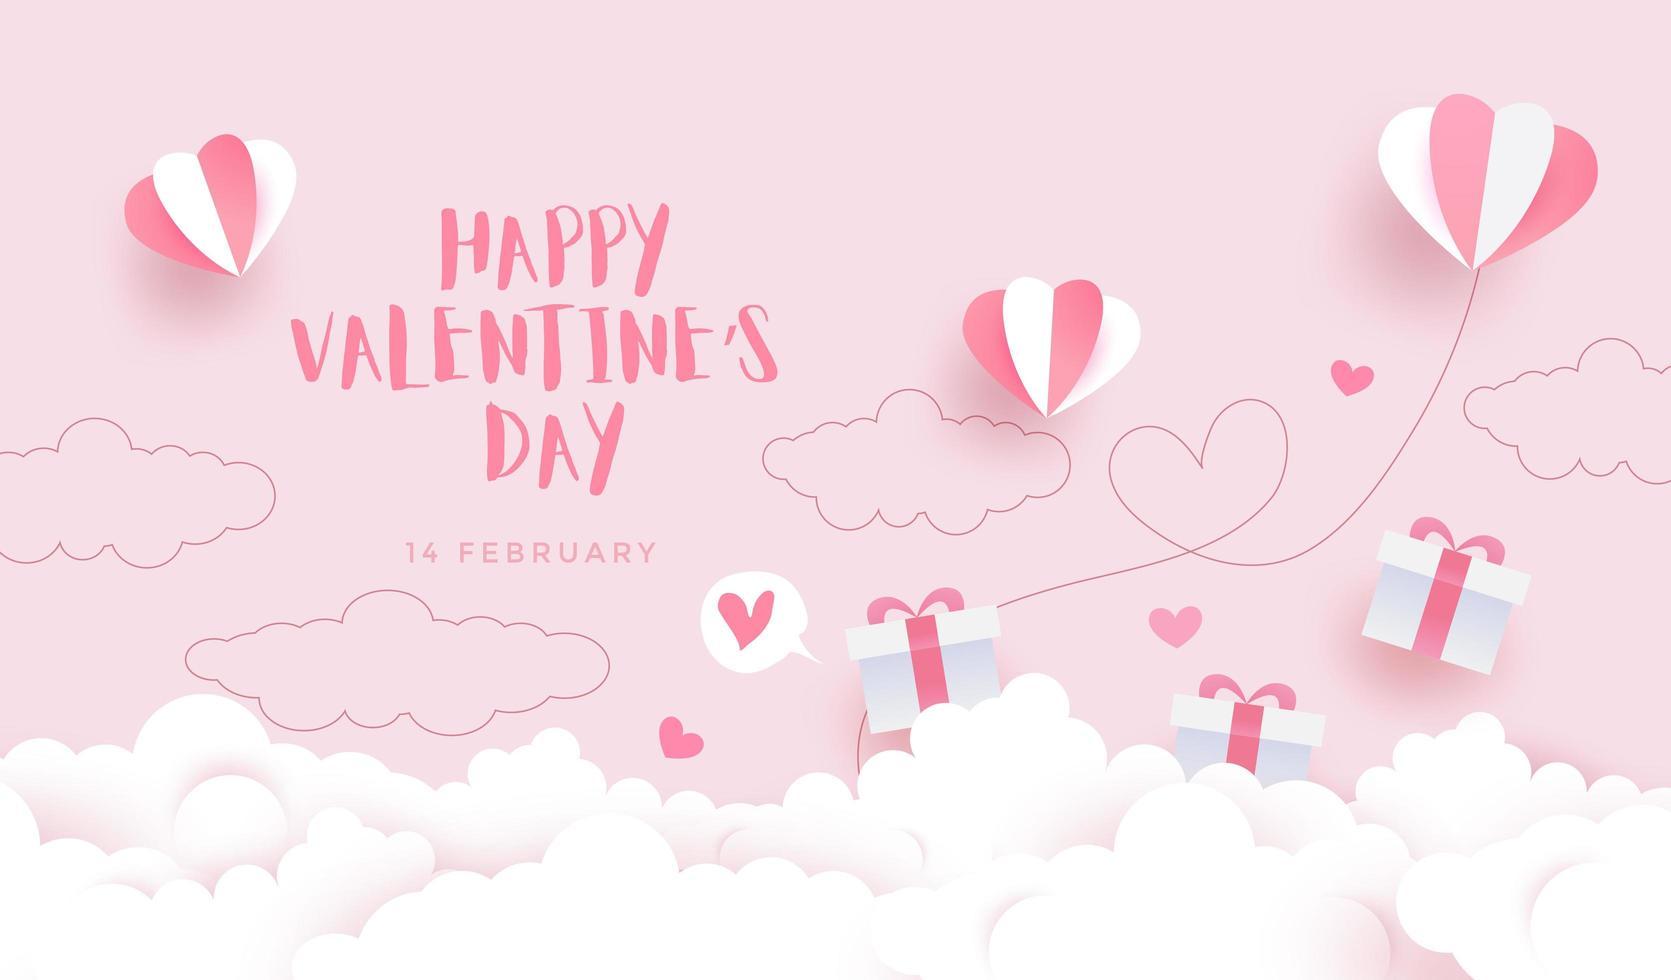 felice sfondo di san valentino, invito carta con cielo stile taglio carta vettore